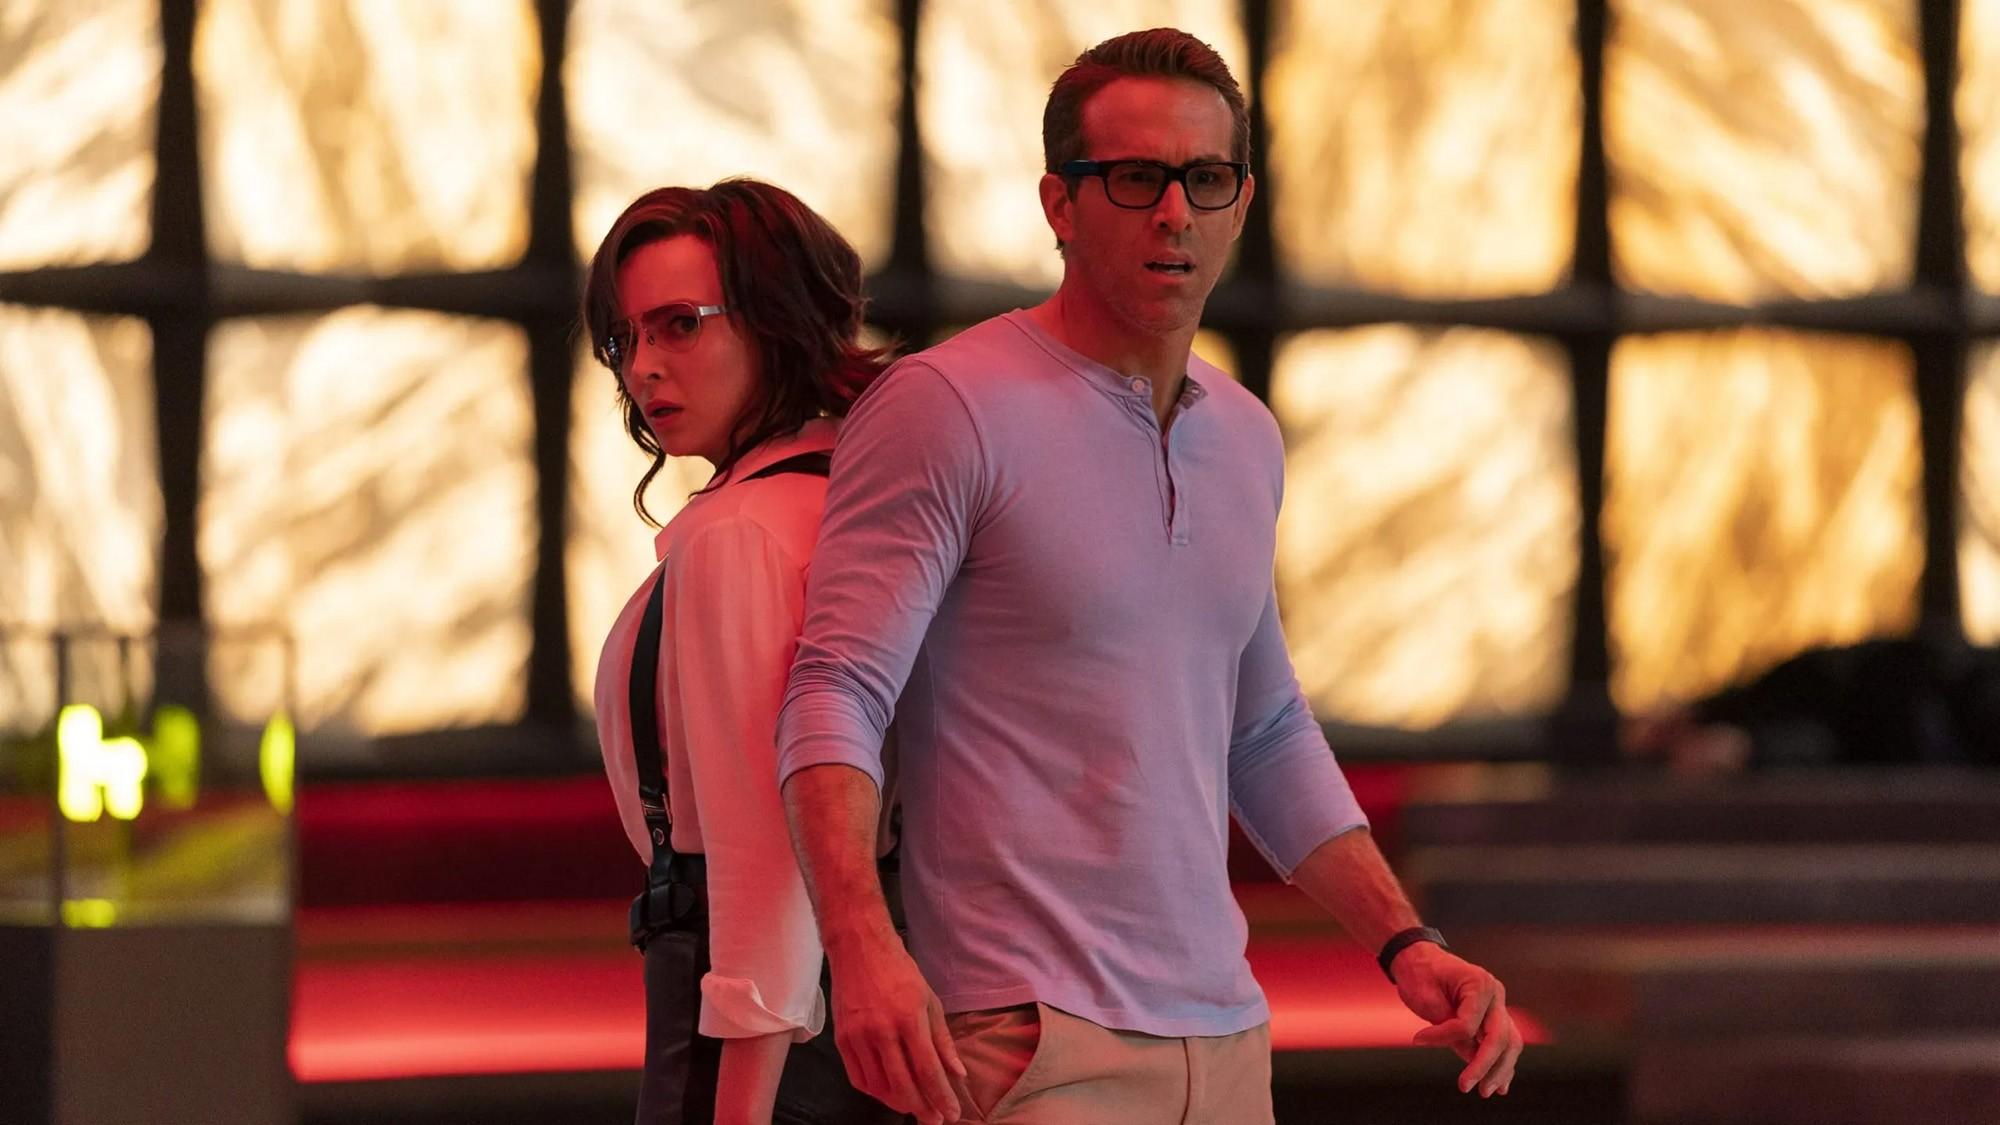 Free Guy Jodie Comer i Ryan Reynolds